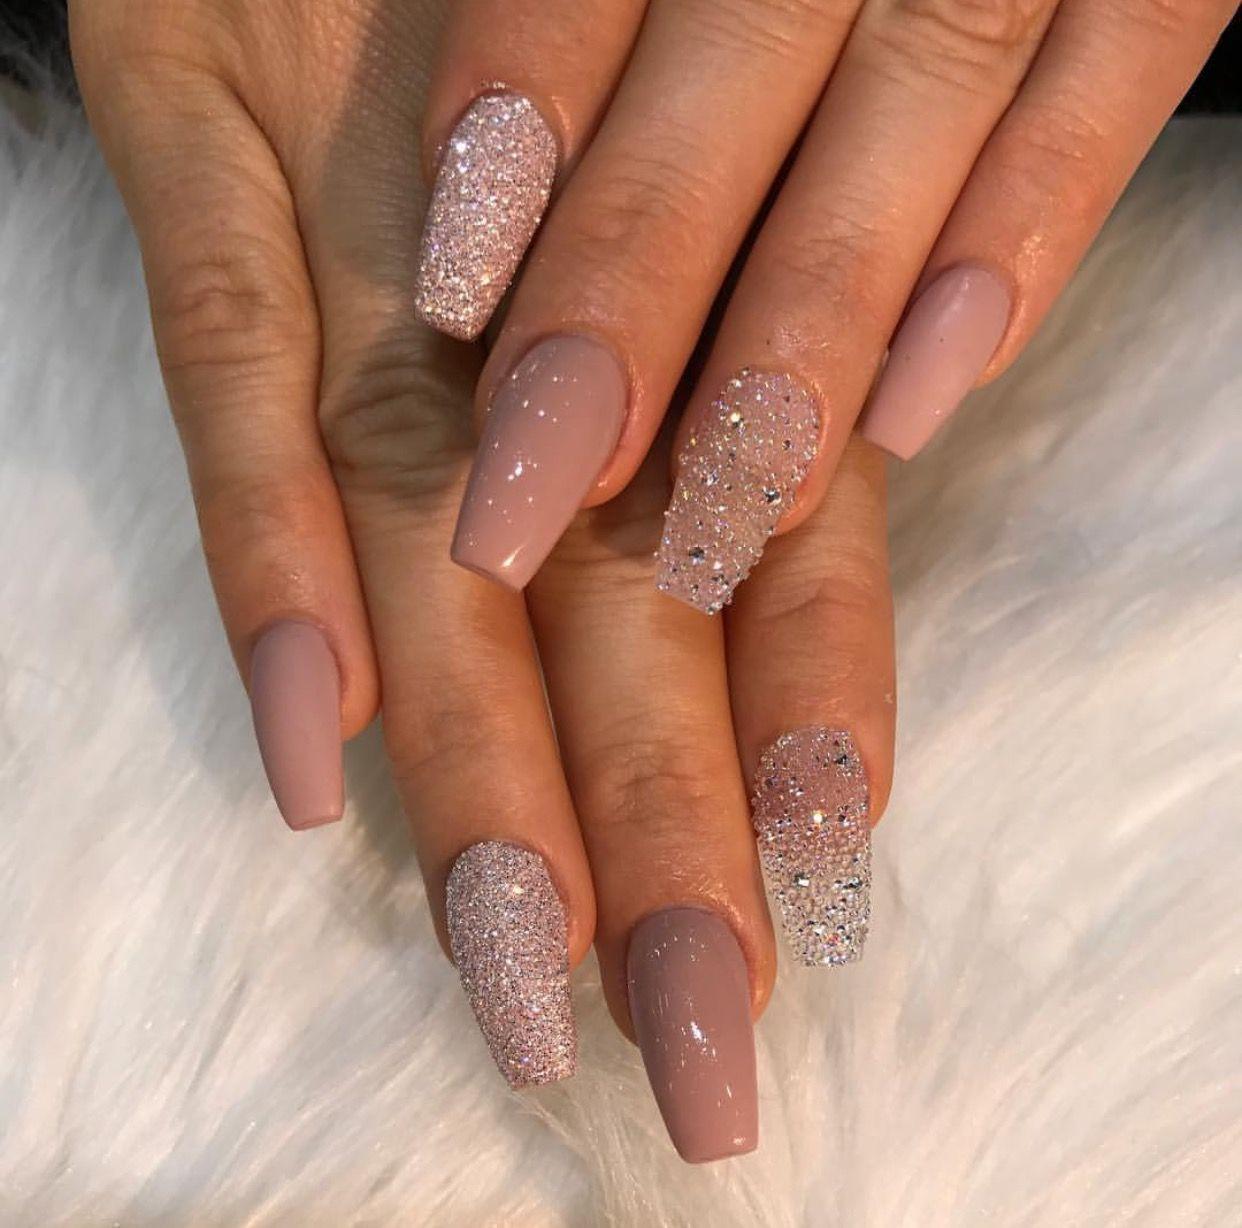 Pin by Yesi Tinoco on Nailz   Pinterest   Nail nail, Prom nails and ...